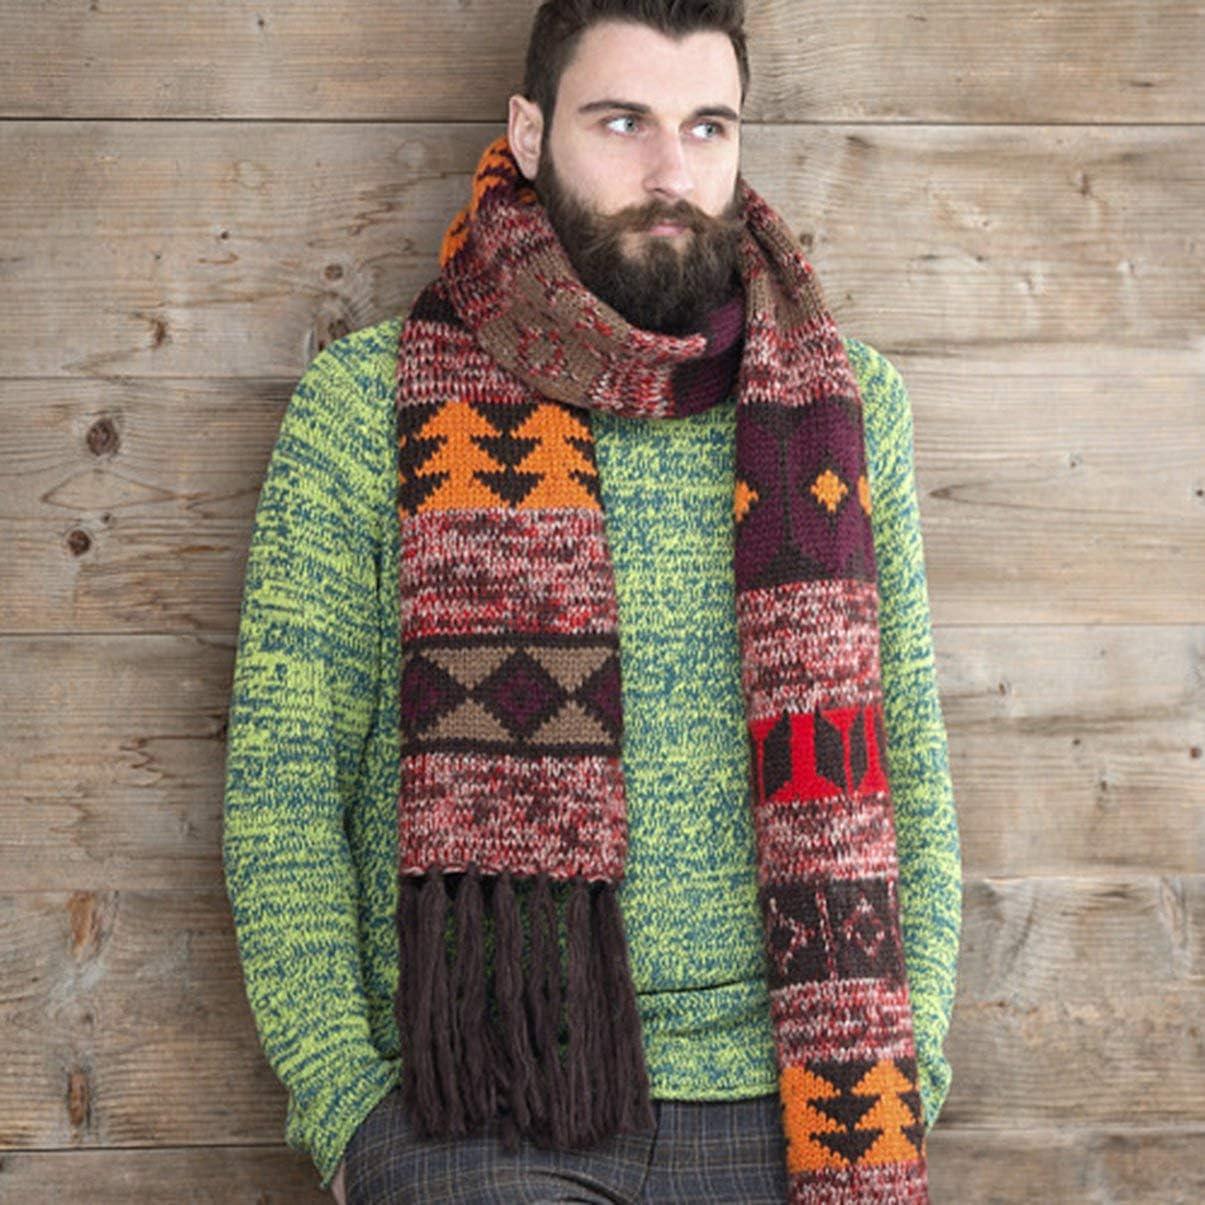 4 actions fil de coton peign/é laine de laine confortable fil m/élang/é v/êtements /à coudre fil /à la main tricot foulard chapeau fil